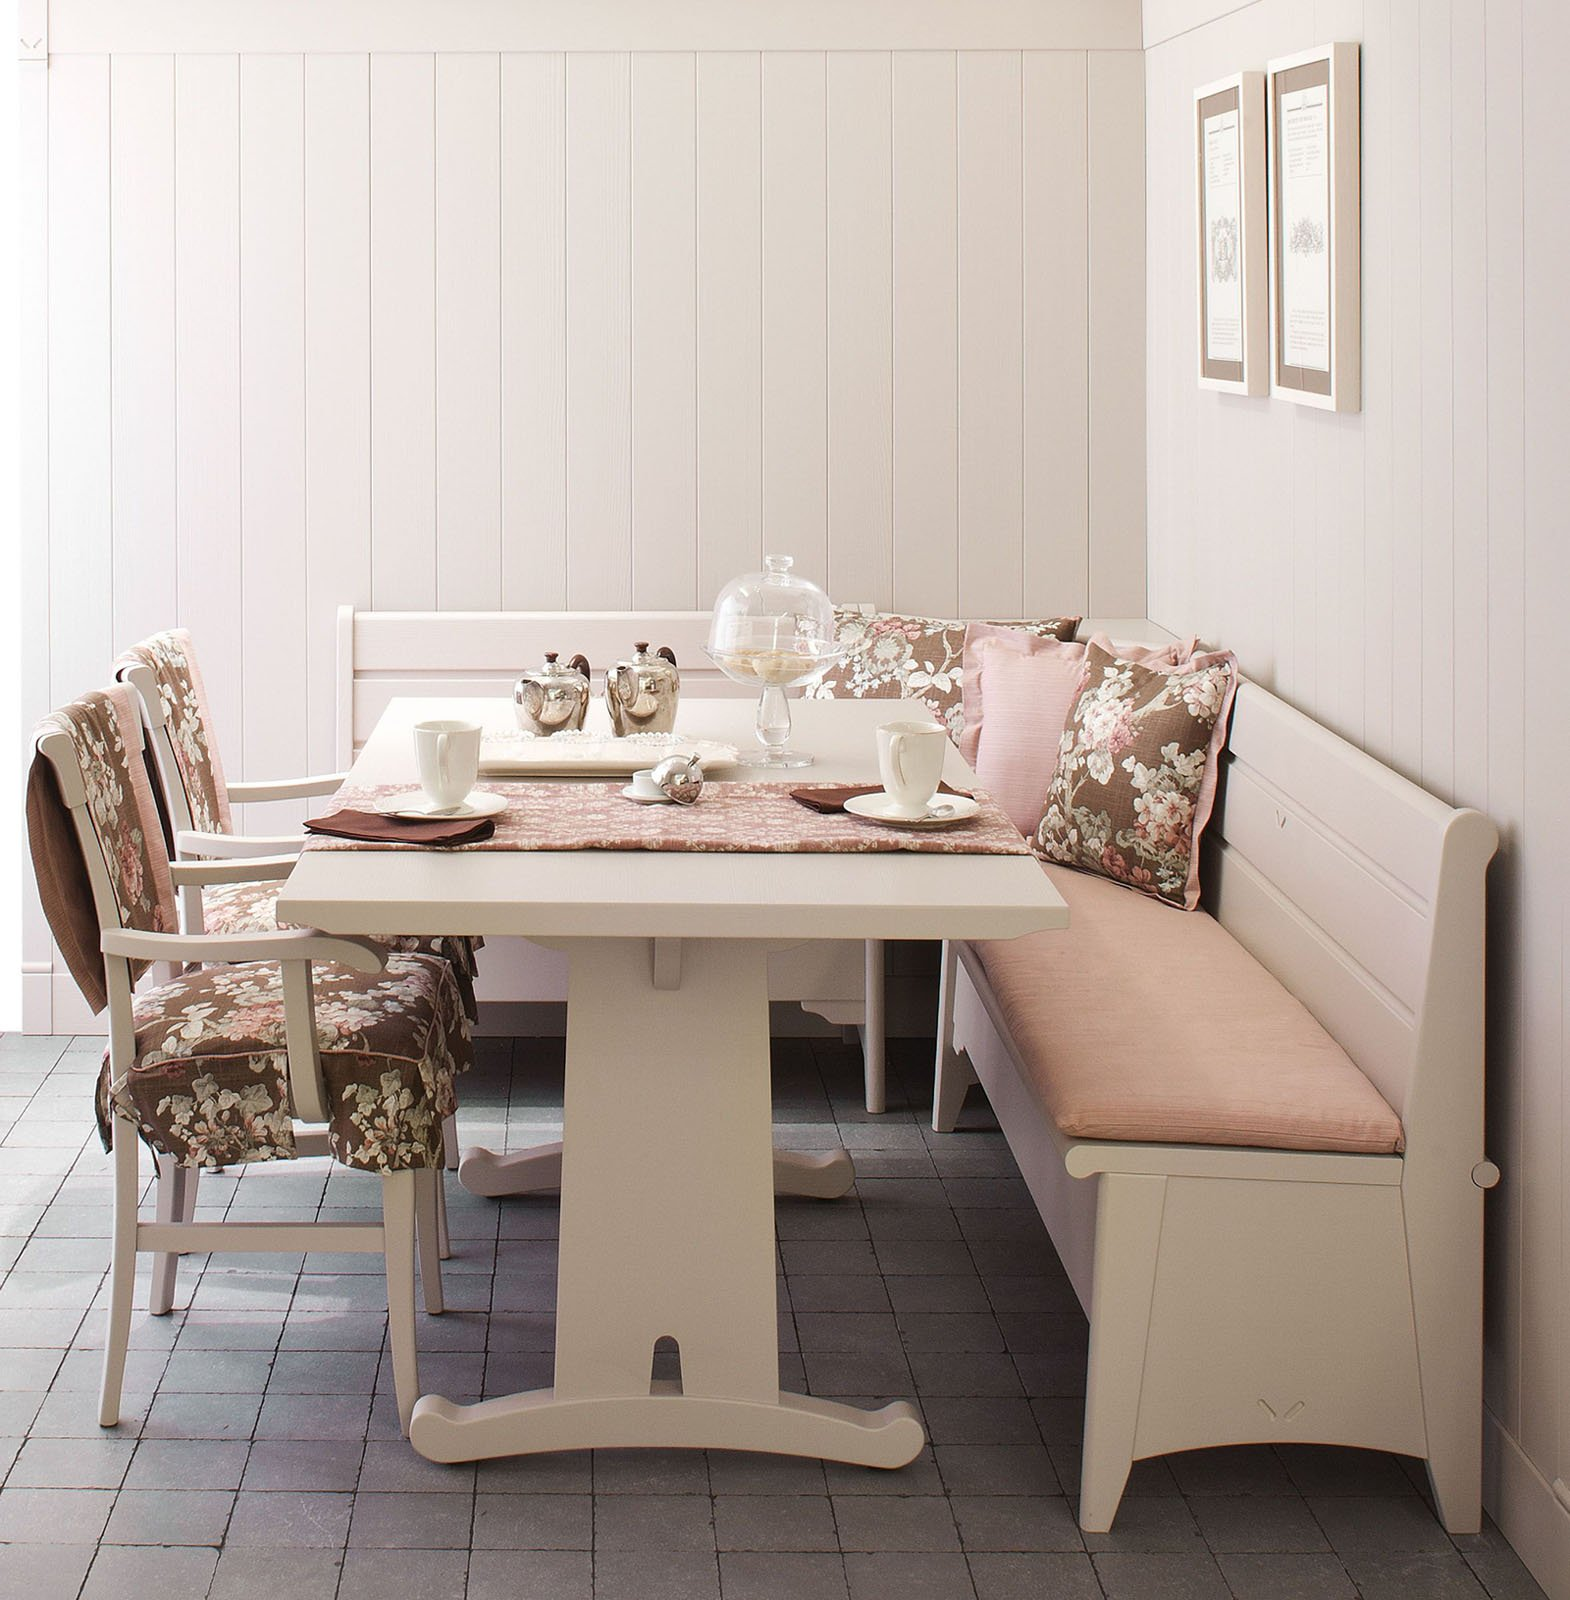 Molto Panca Angolare Legno Per Cucina | madgeweb.com idee di interior design OH98